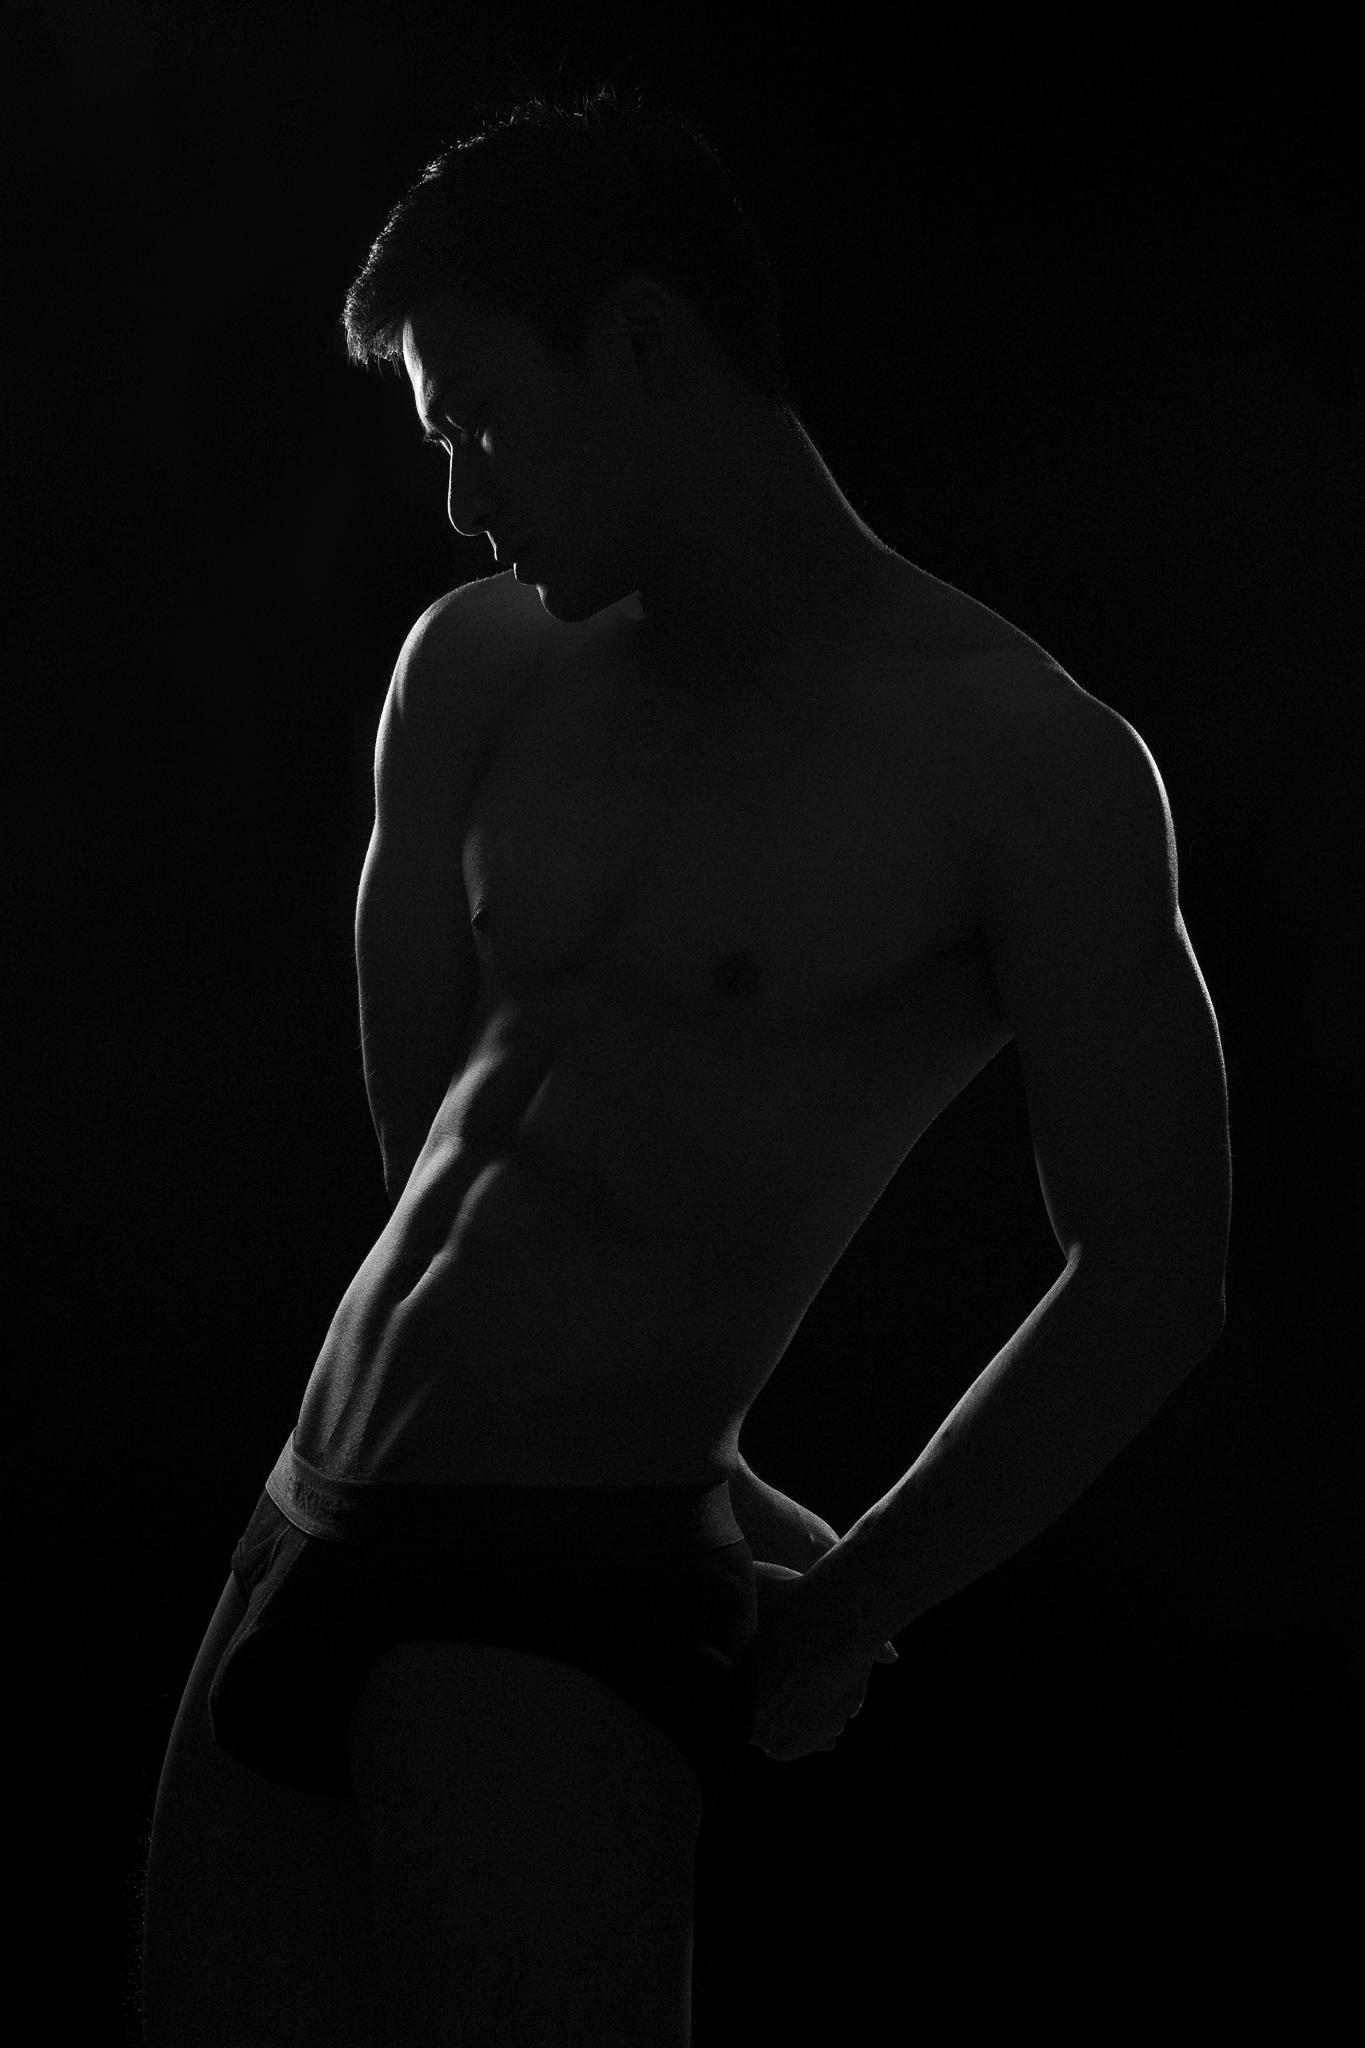 好大好帅好肌肉好标致的帅哥